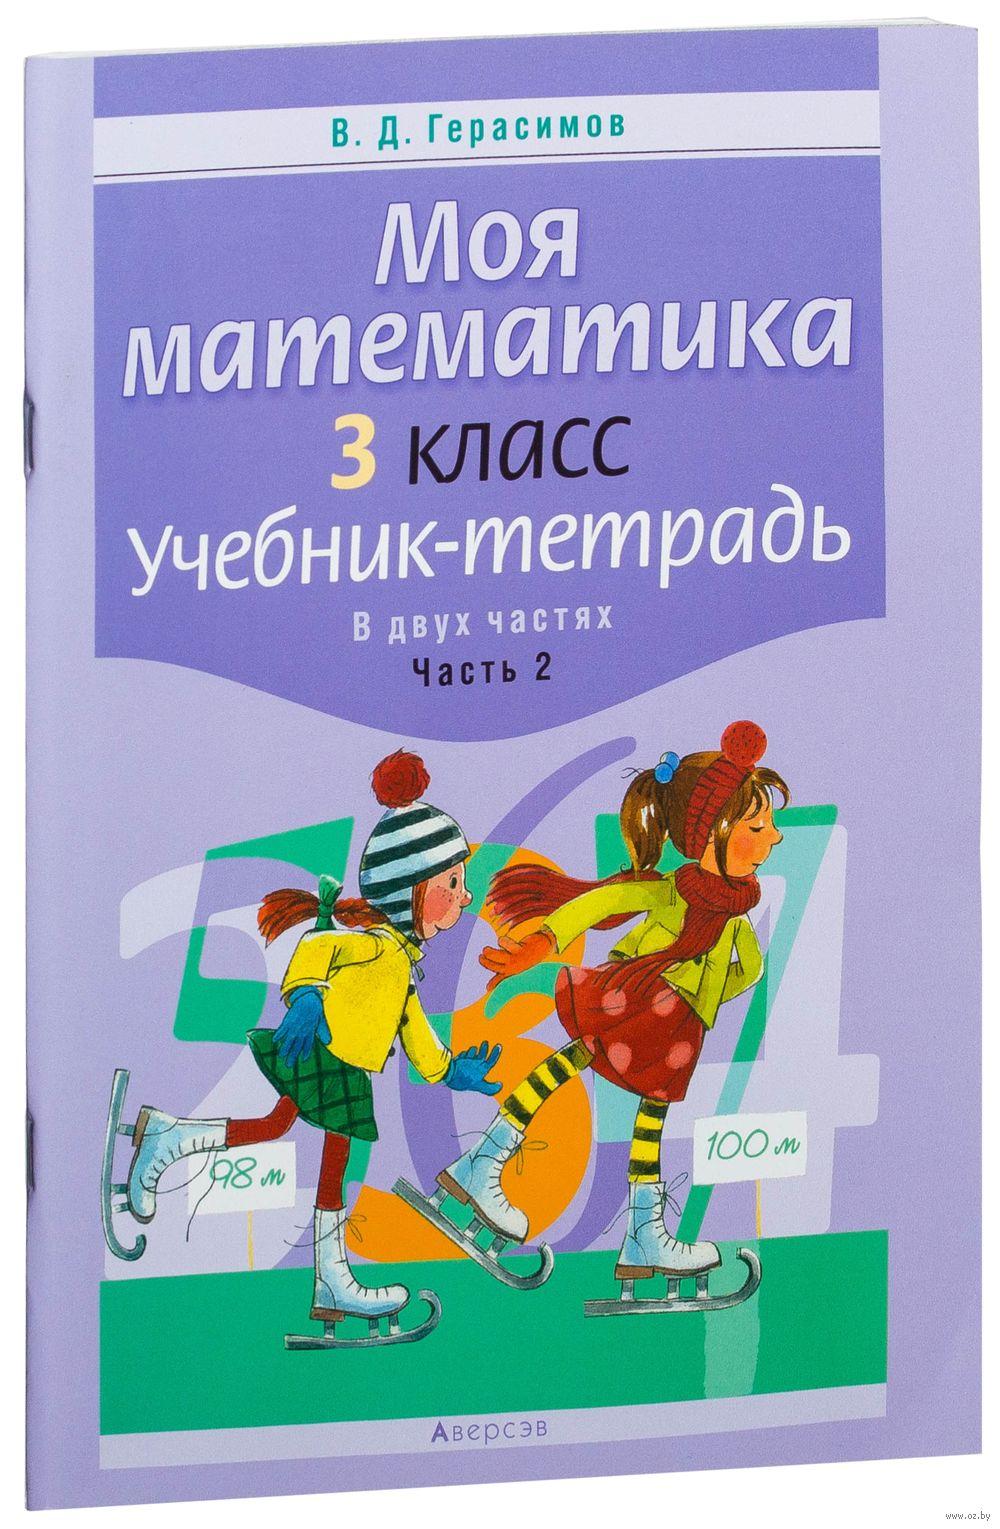 Решебник английский вордбукс рабочая тетрадь 5 класса автор герасимов издательство аверсэв